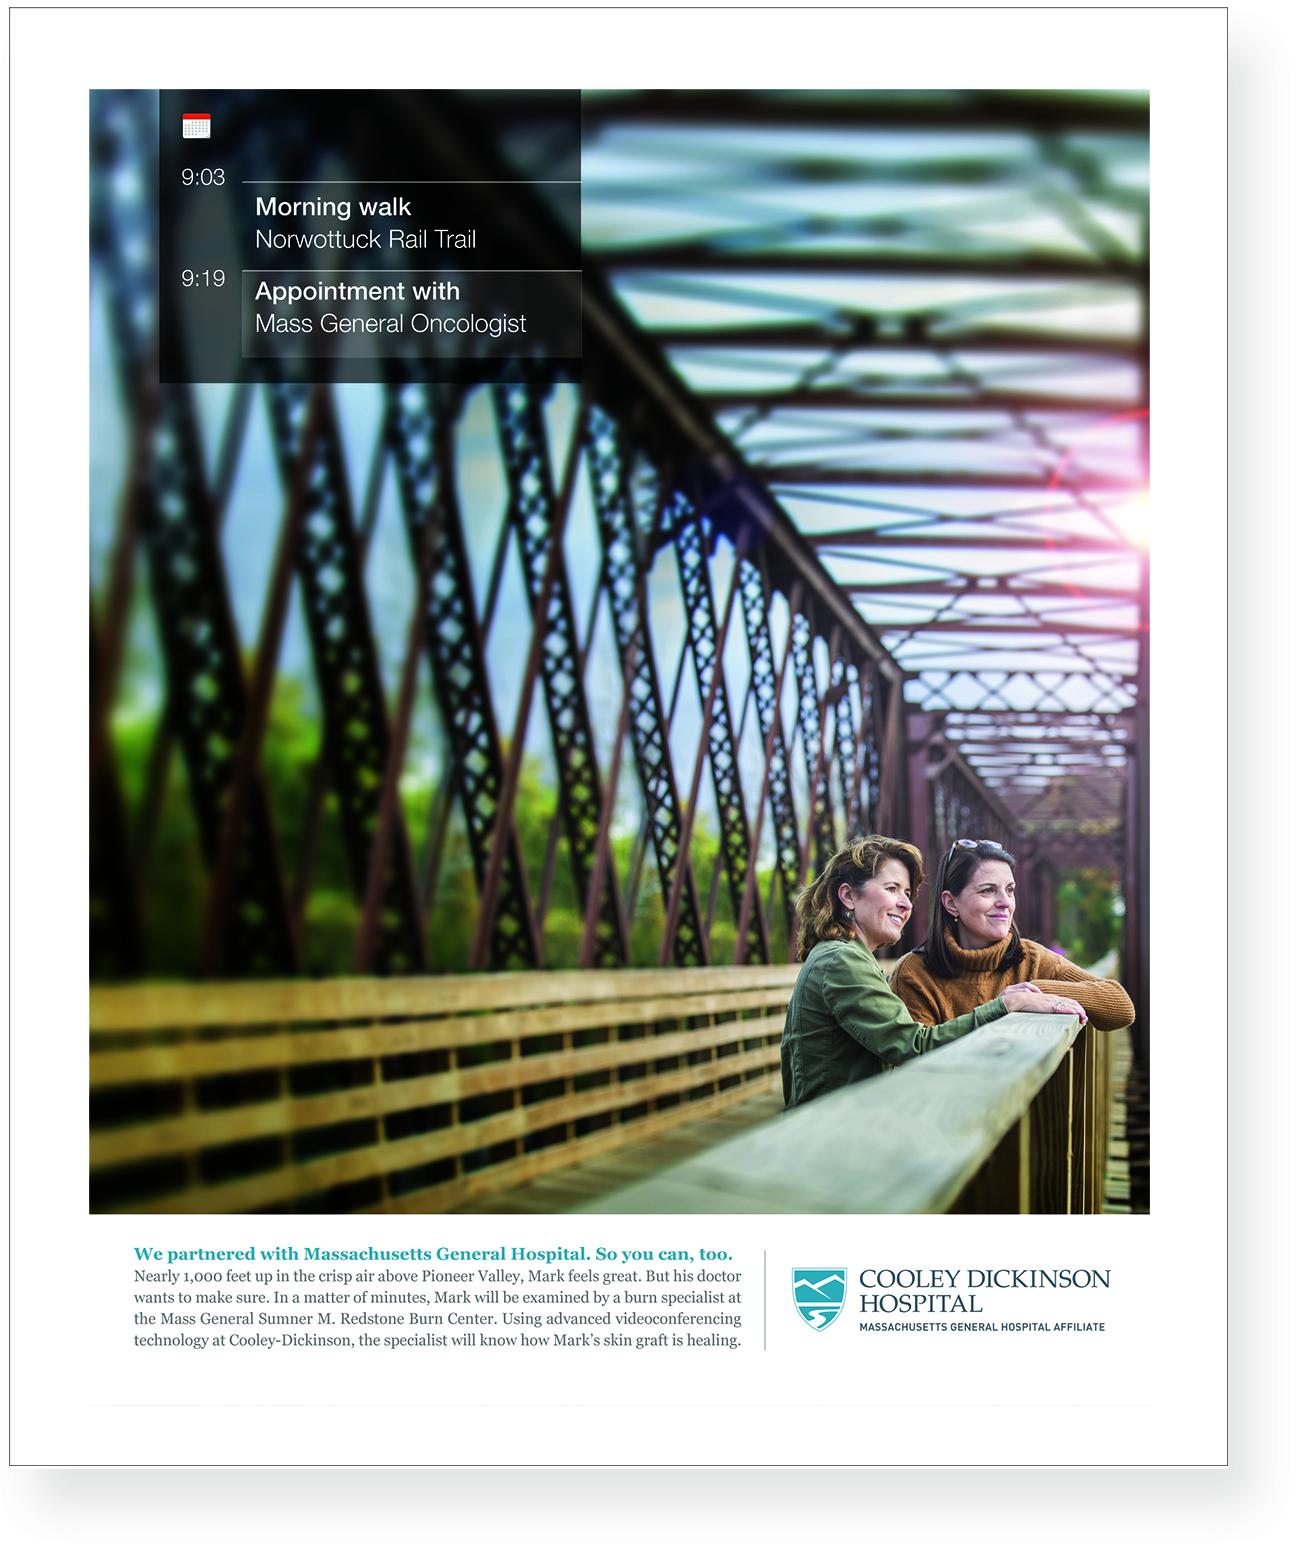 CDH-print ad-rail trail.jpg